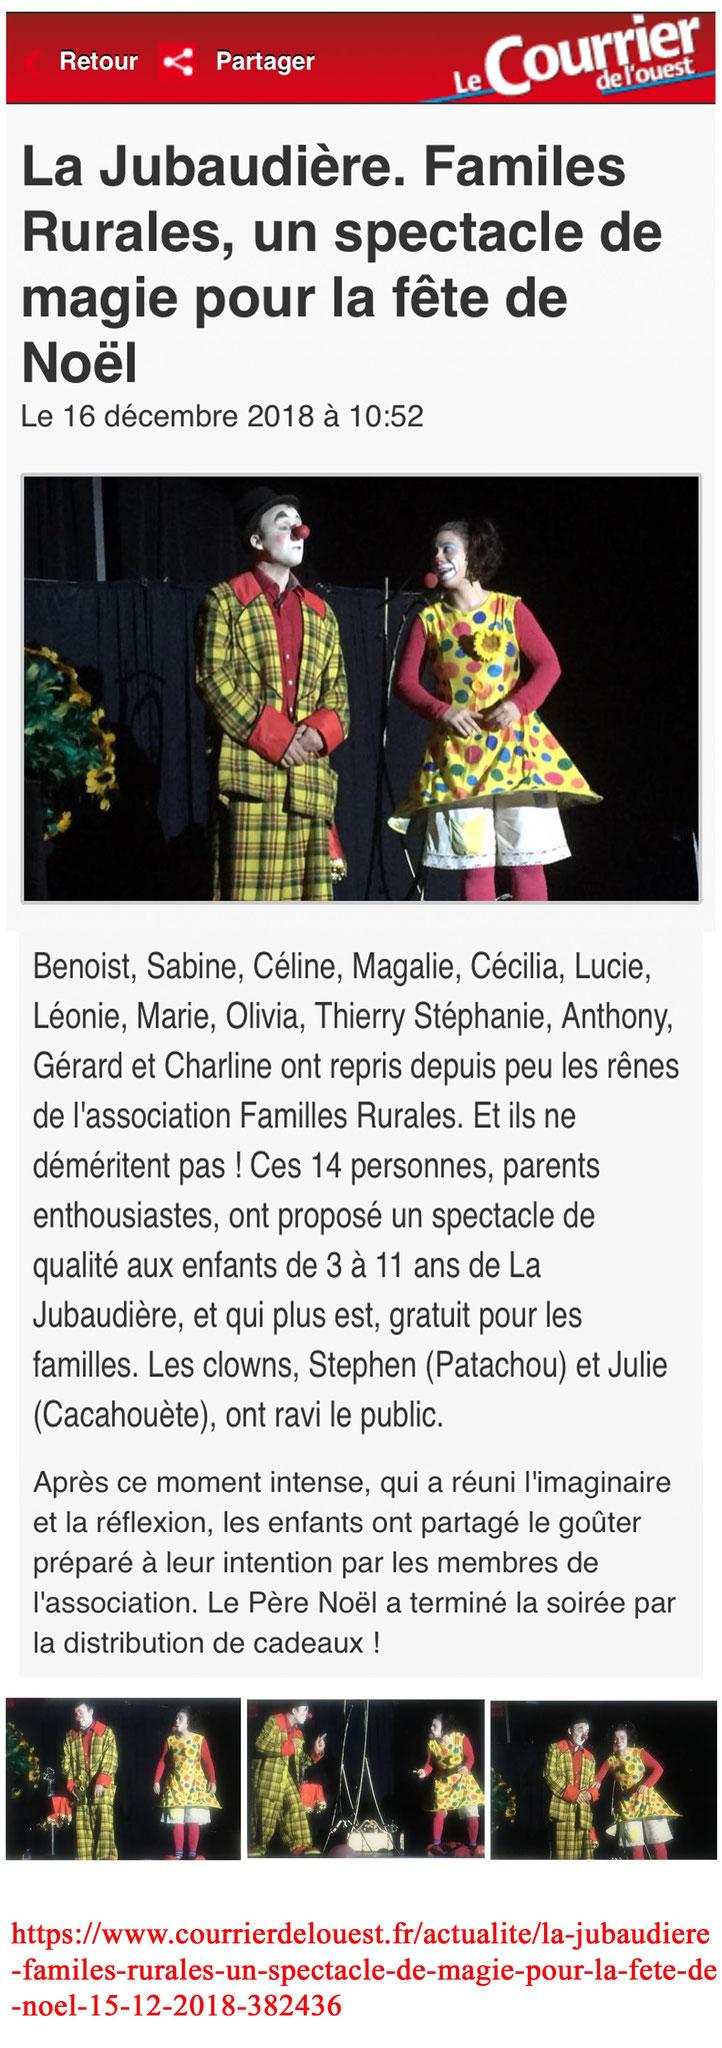 Article Les Clowneries Magiques-Spectacle de Magie et Clowns- Le courrier de l'ouest- Décembre 2018